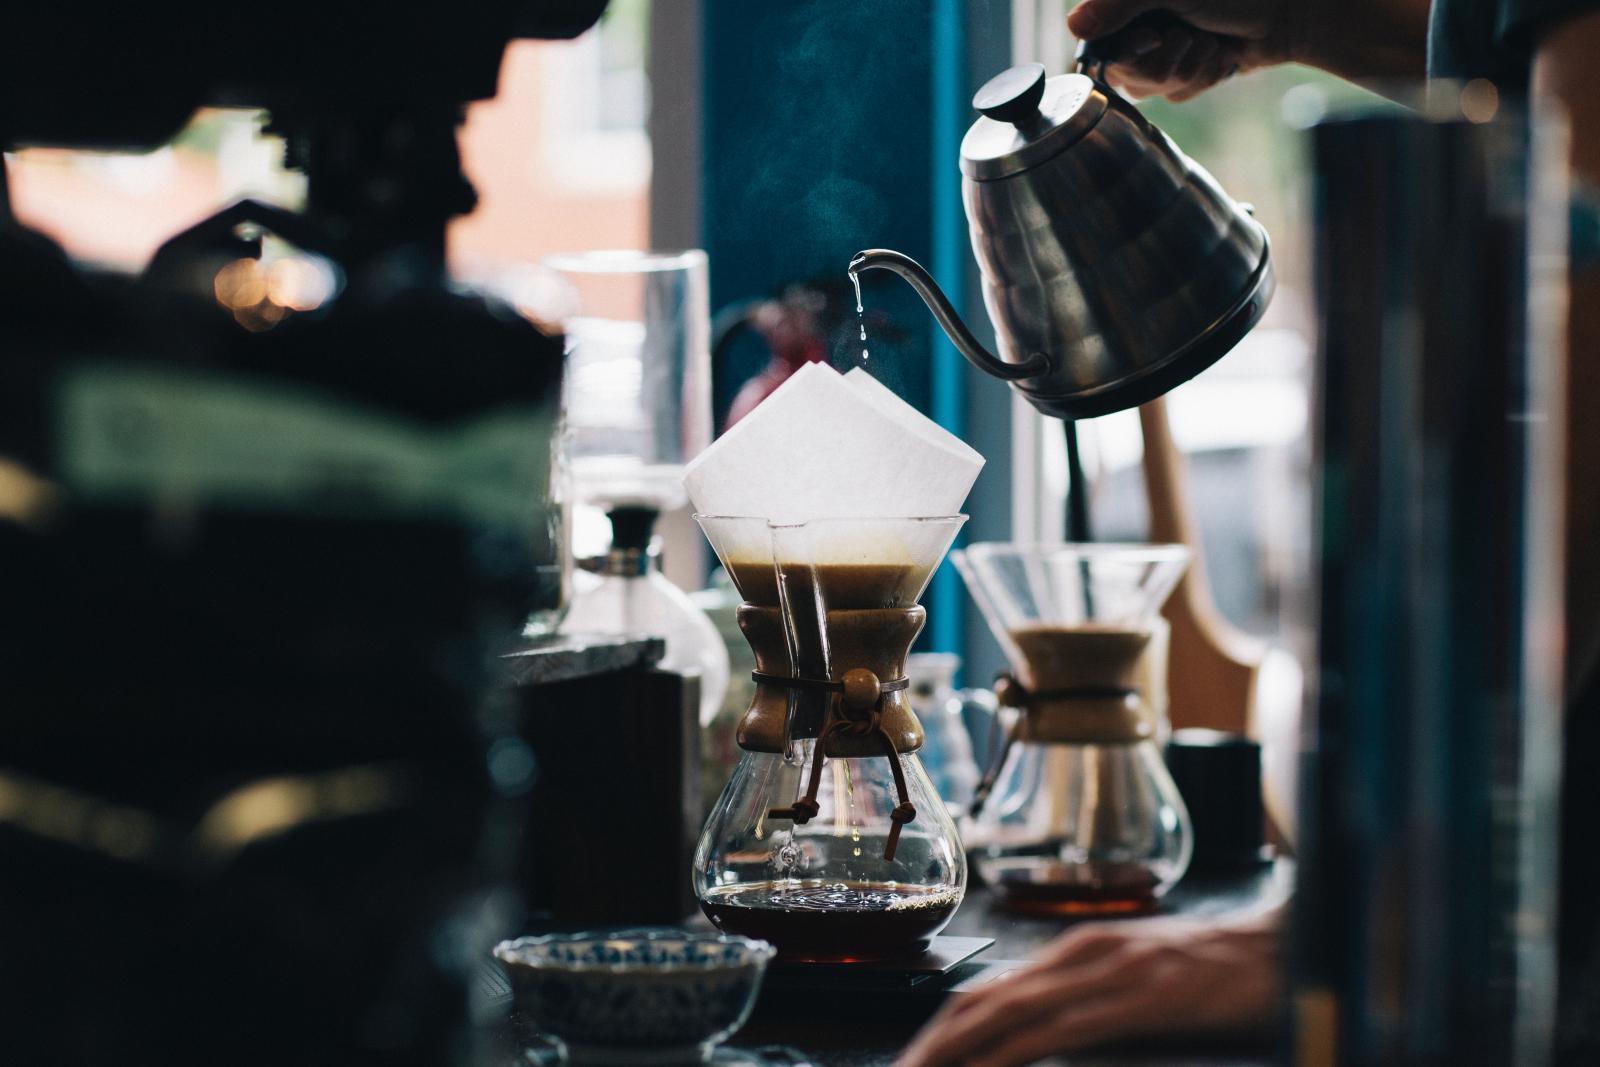 喝咖啡測個性!「黑咖啡」做事高效率、「卡布奇諾」重生活品味,完美主義者最愛「這個」!-8